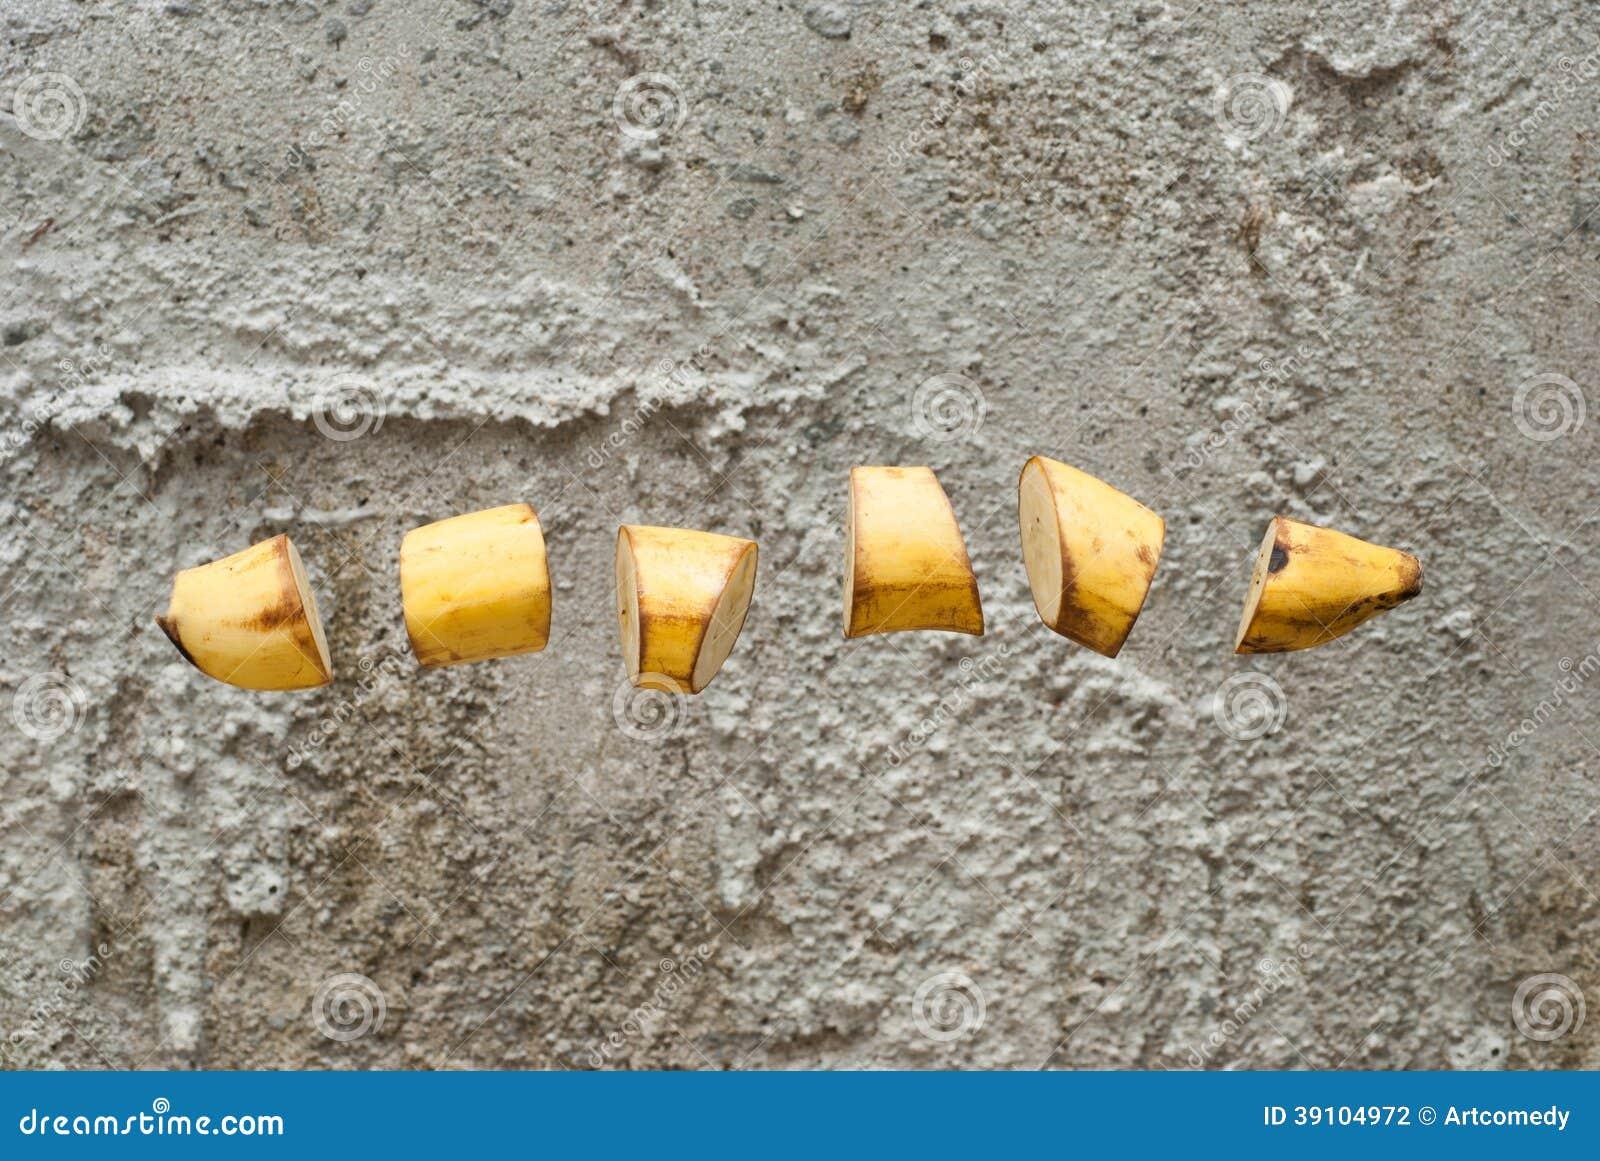 Rijpe die banaan in plakken wordt gesneden